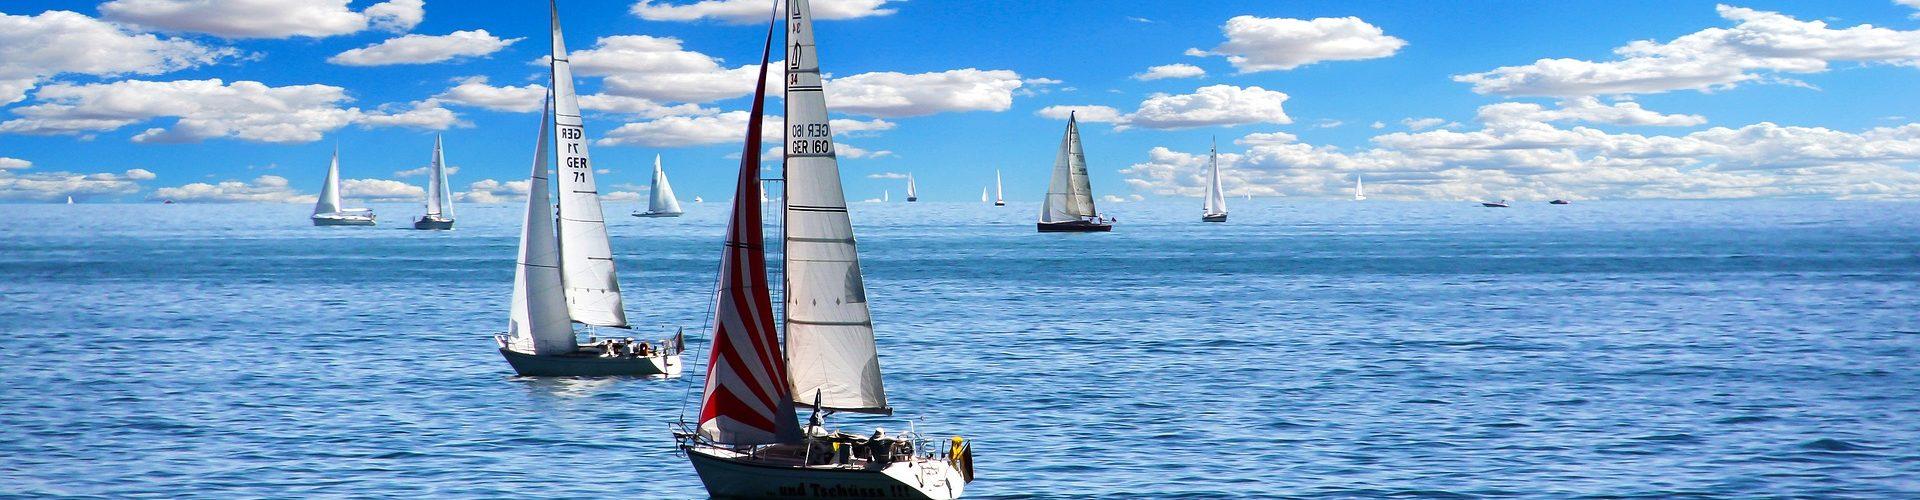 segeln lernen in Dornum Westeraccumersiel segelschein machen in Dornum Westeraccumersiel 1920x500 - Segeln lernen in Dornum Westeraccumersiel